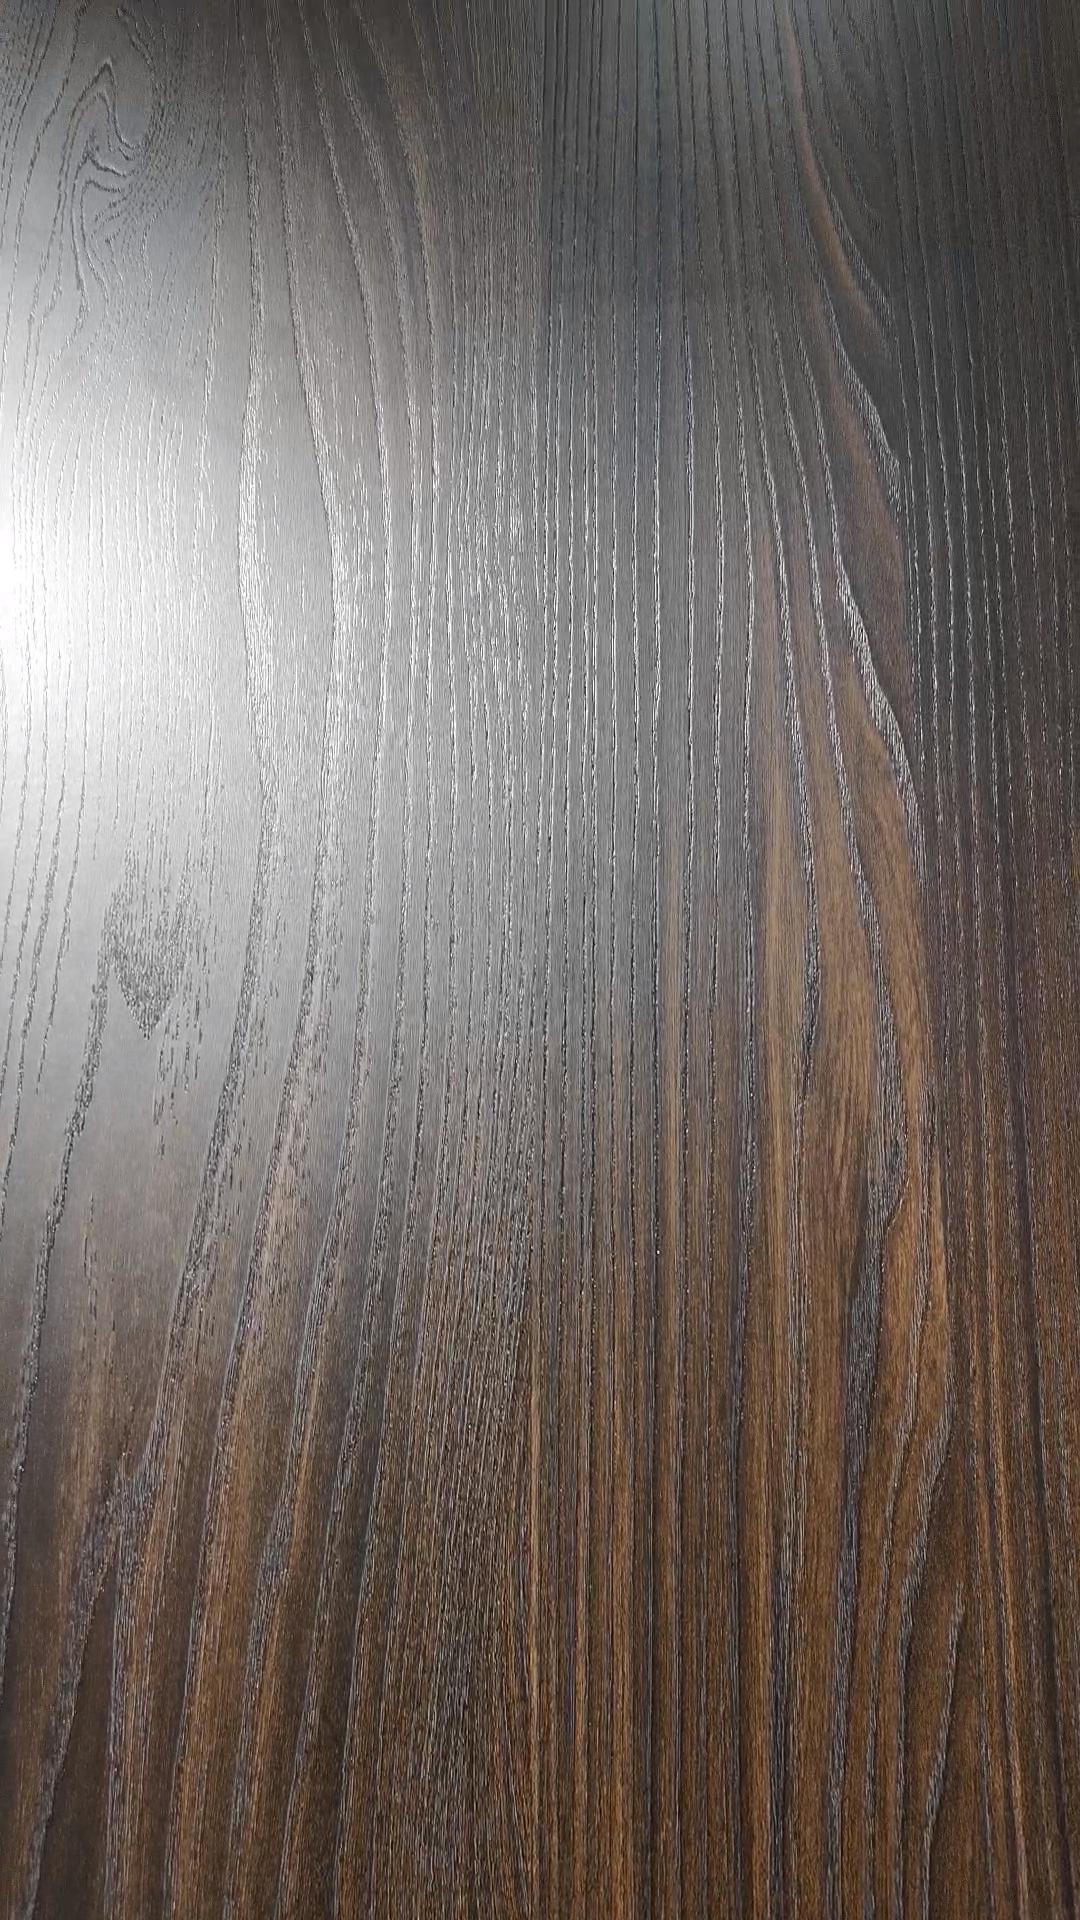 Teak 9mm mdf raw or plain mdf board timber 5mm 6mm 8mm 9mm